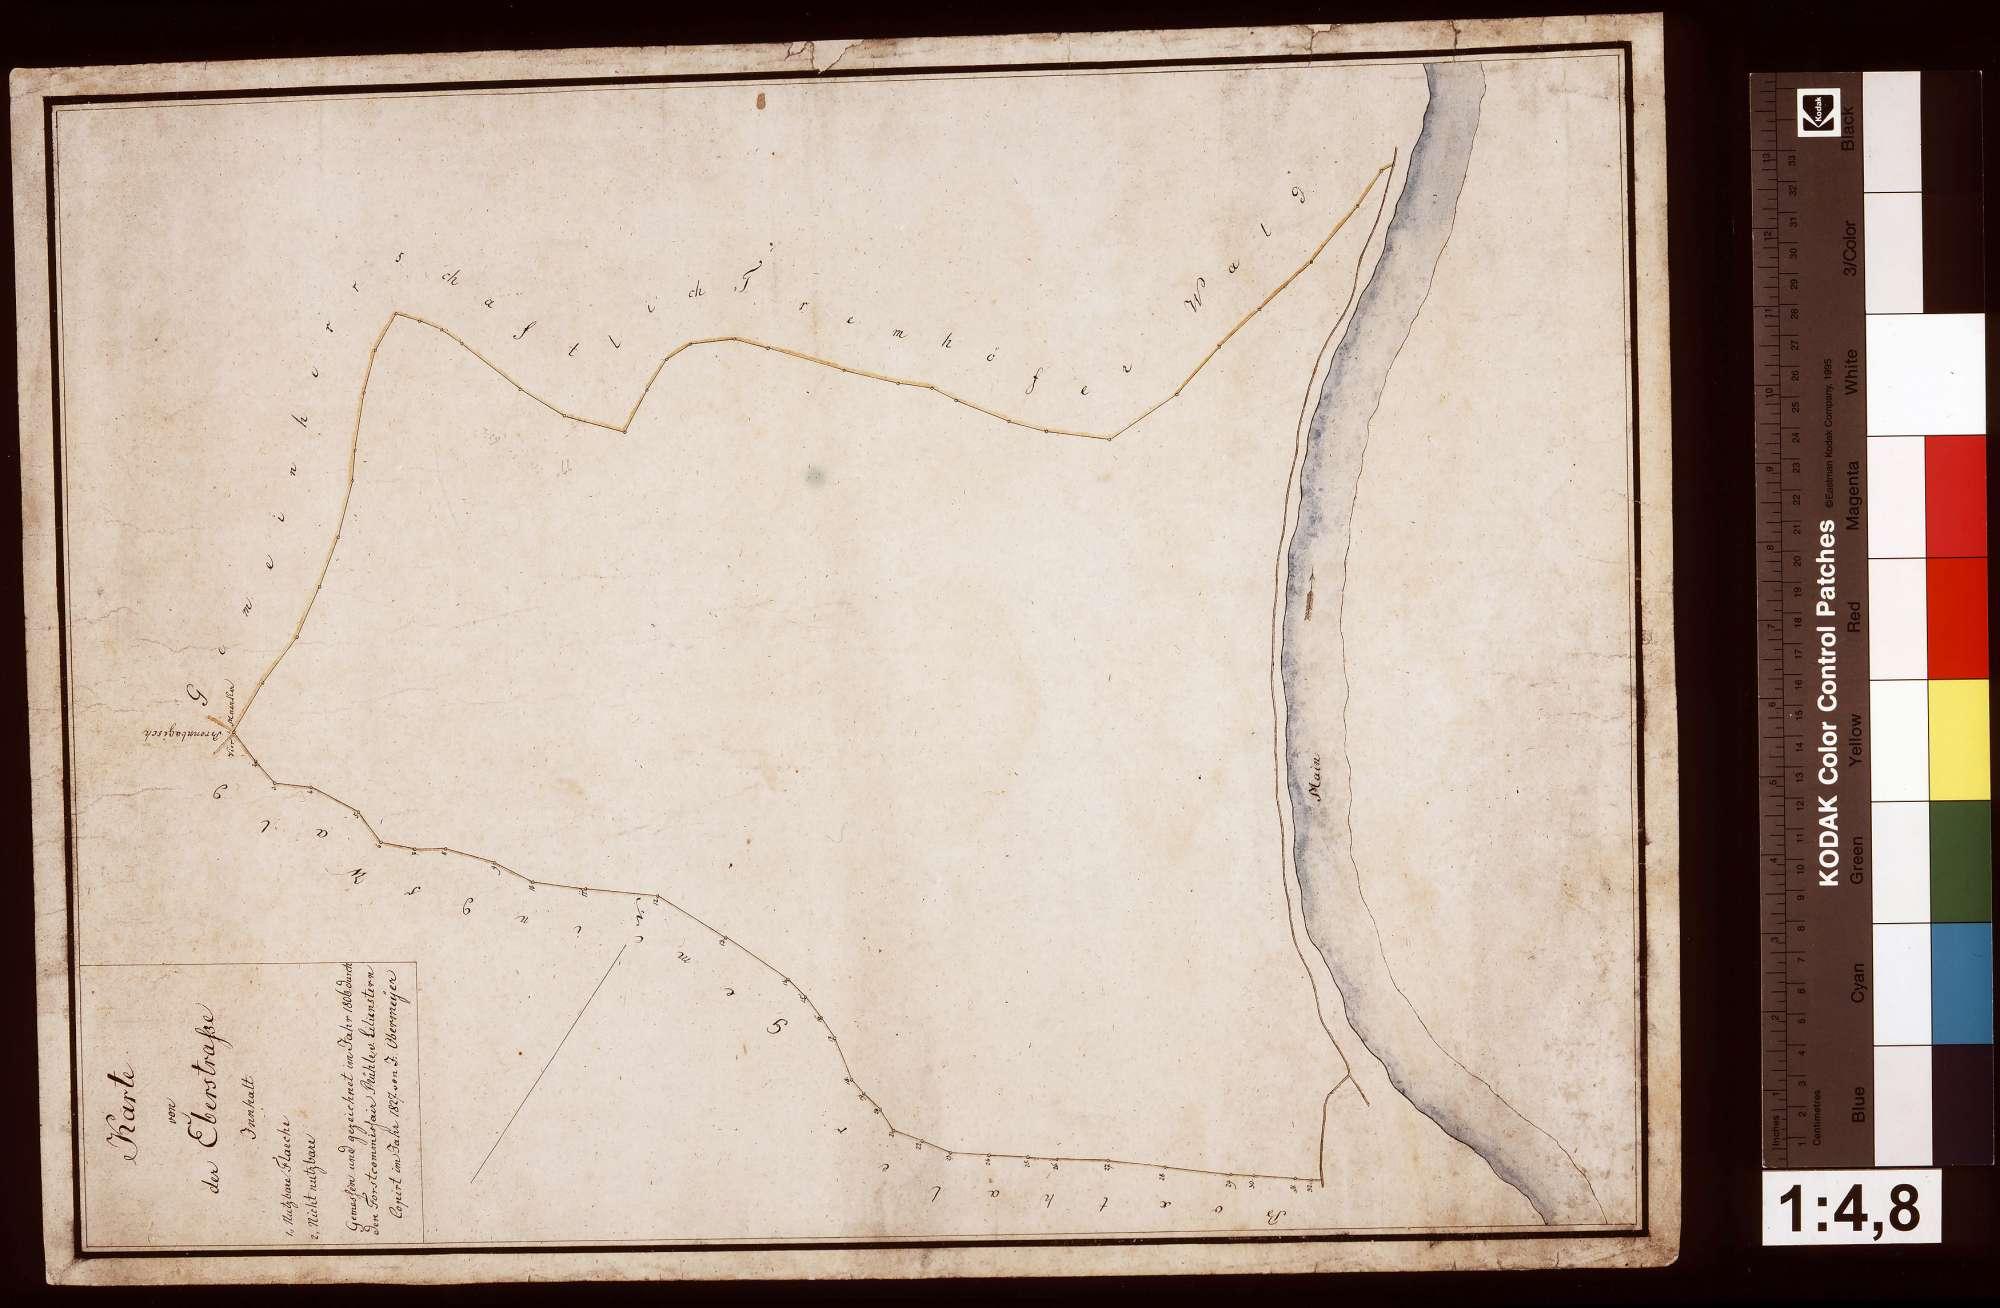 Karte von der Eberstraße, Bild 1